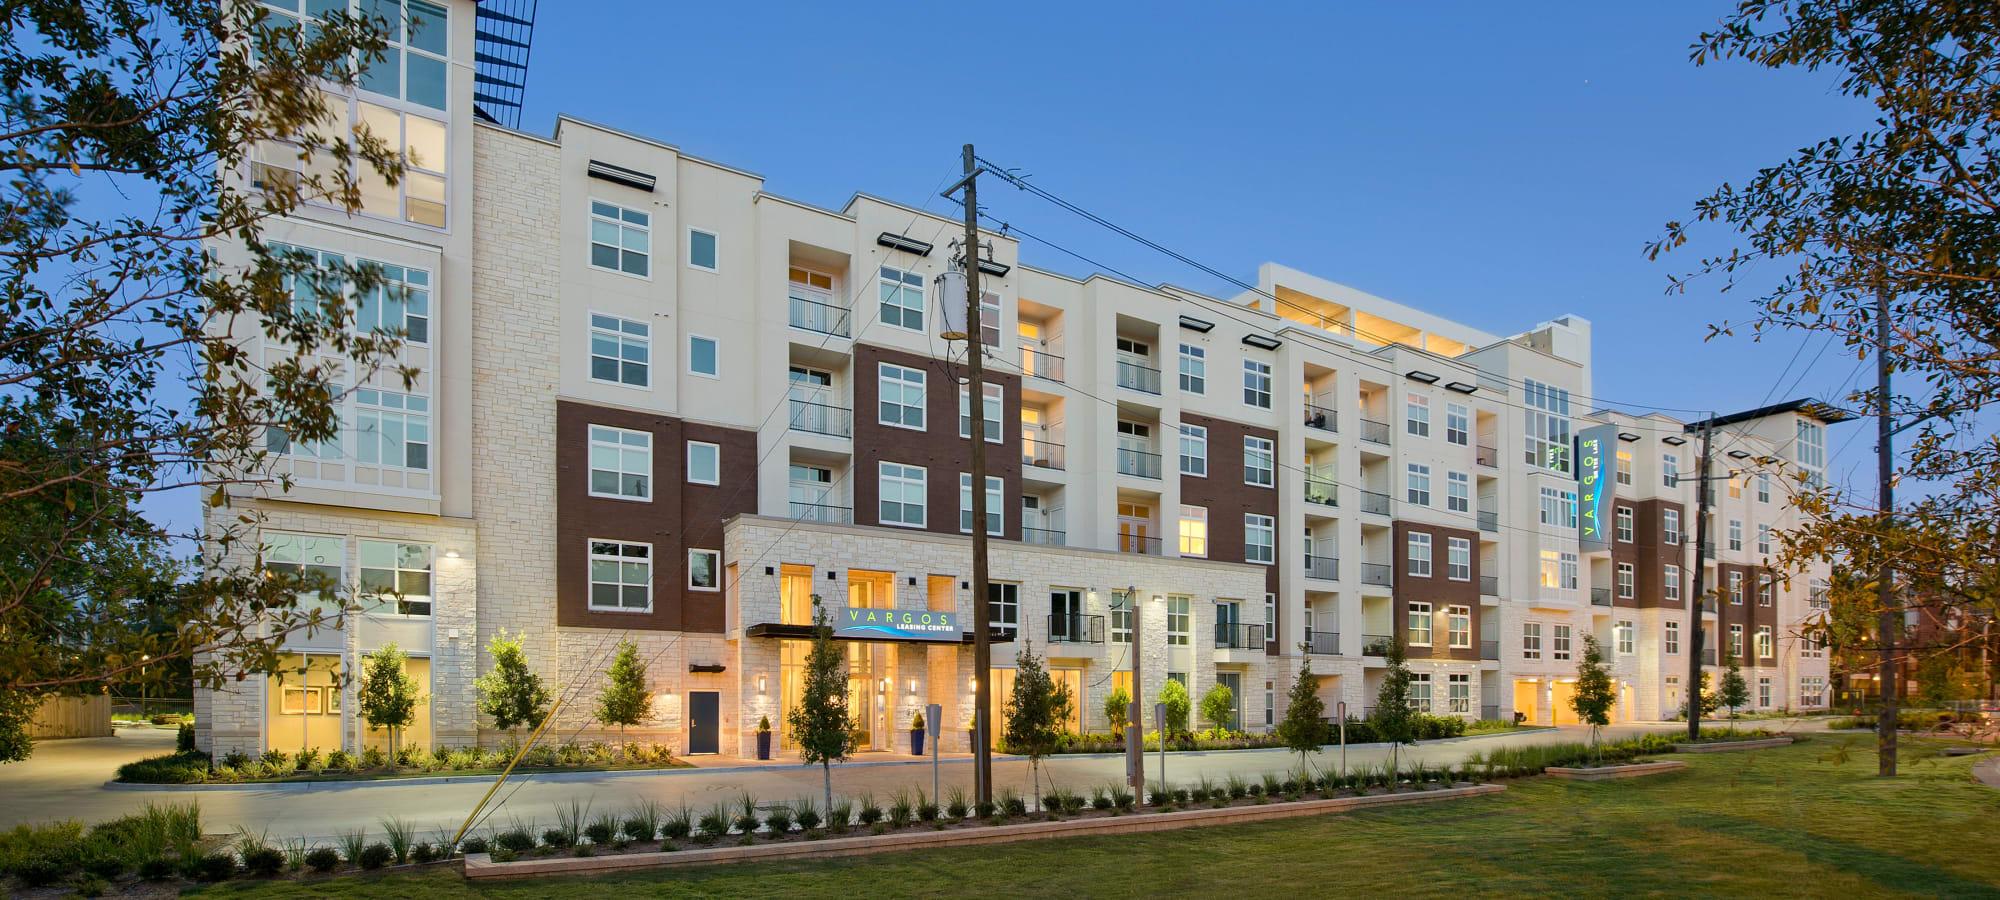 Apartments at Vargos on the Lake in Houston, Texas